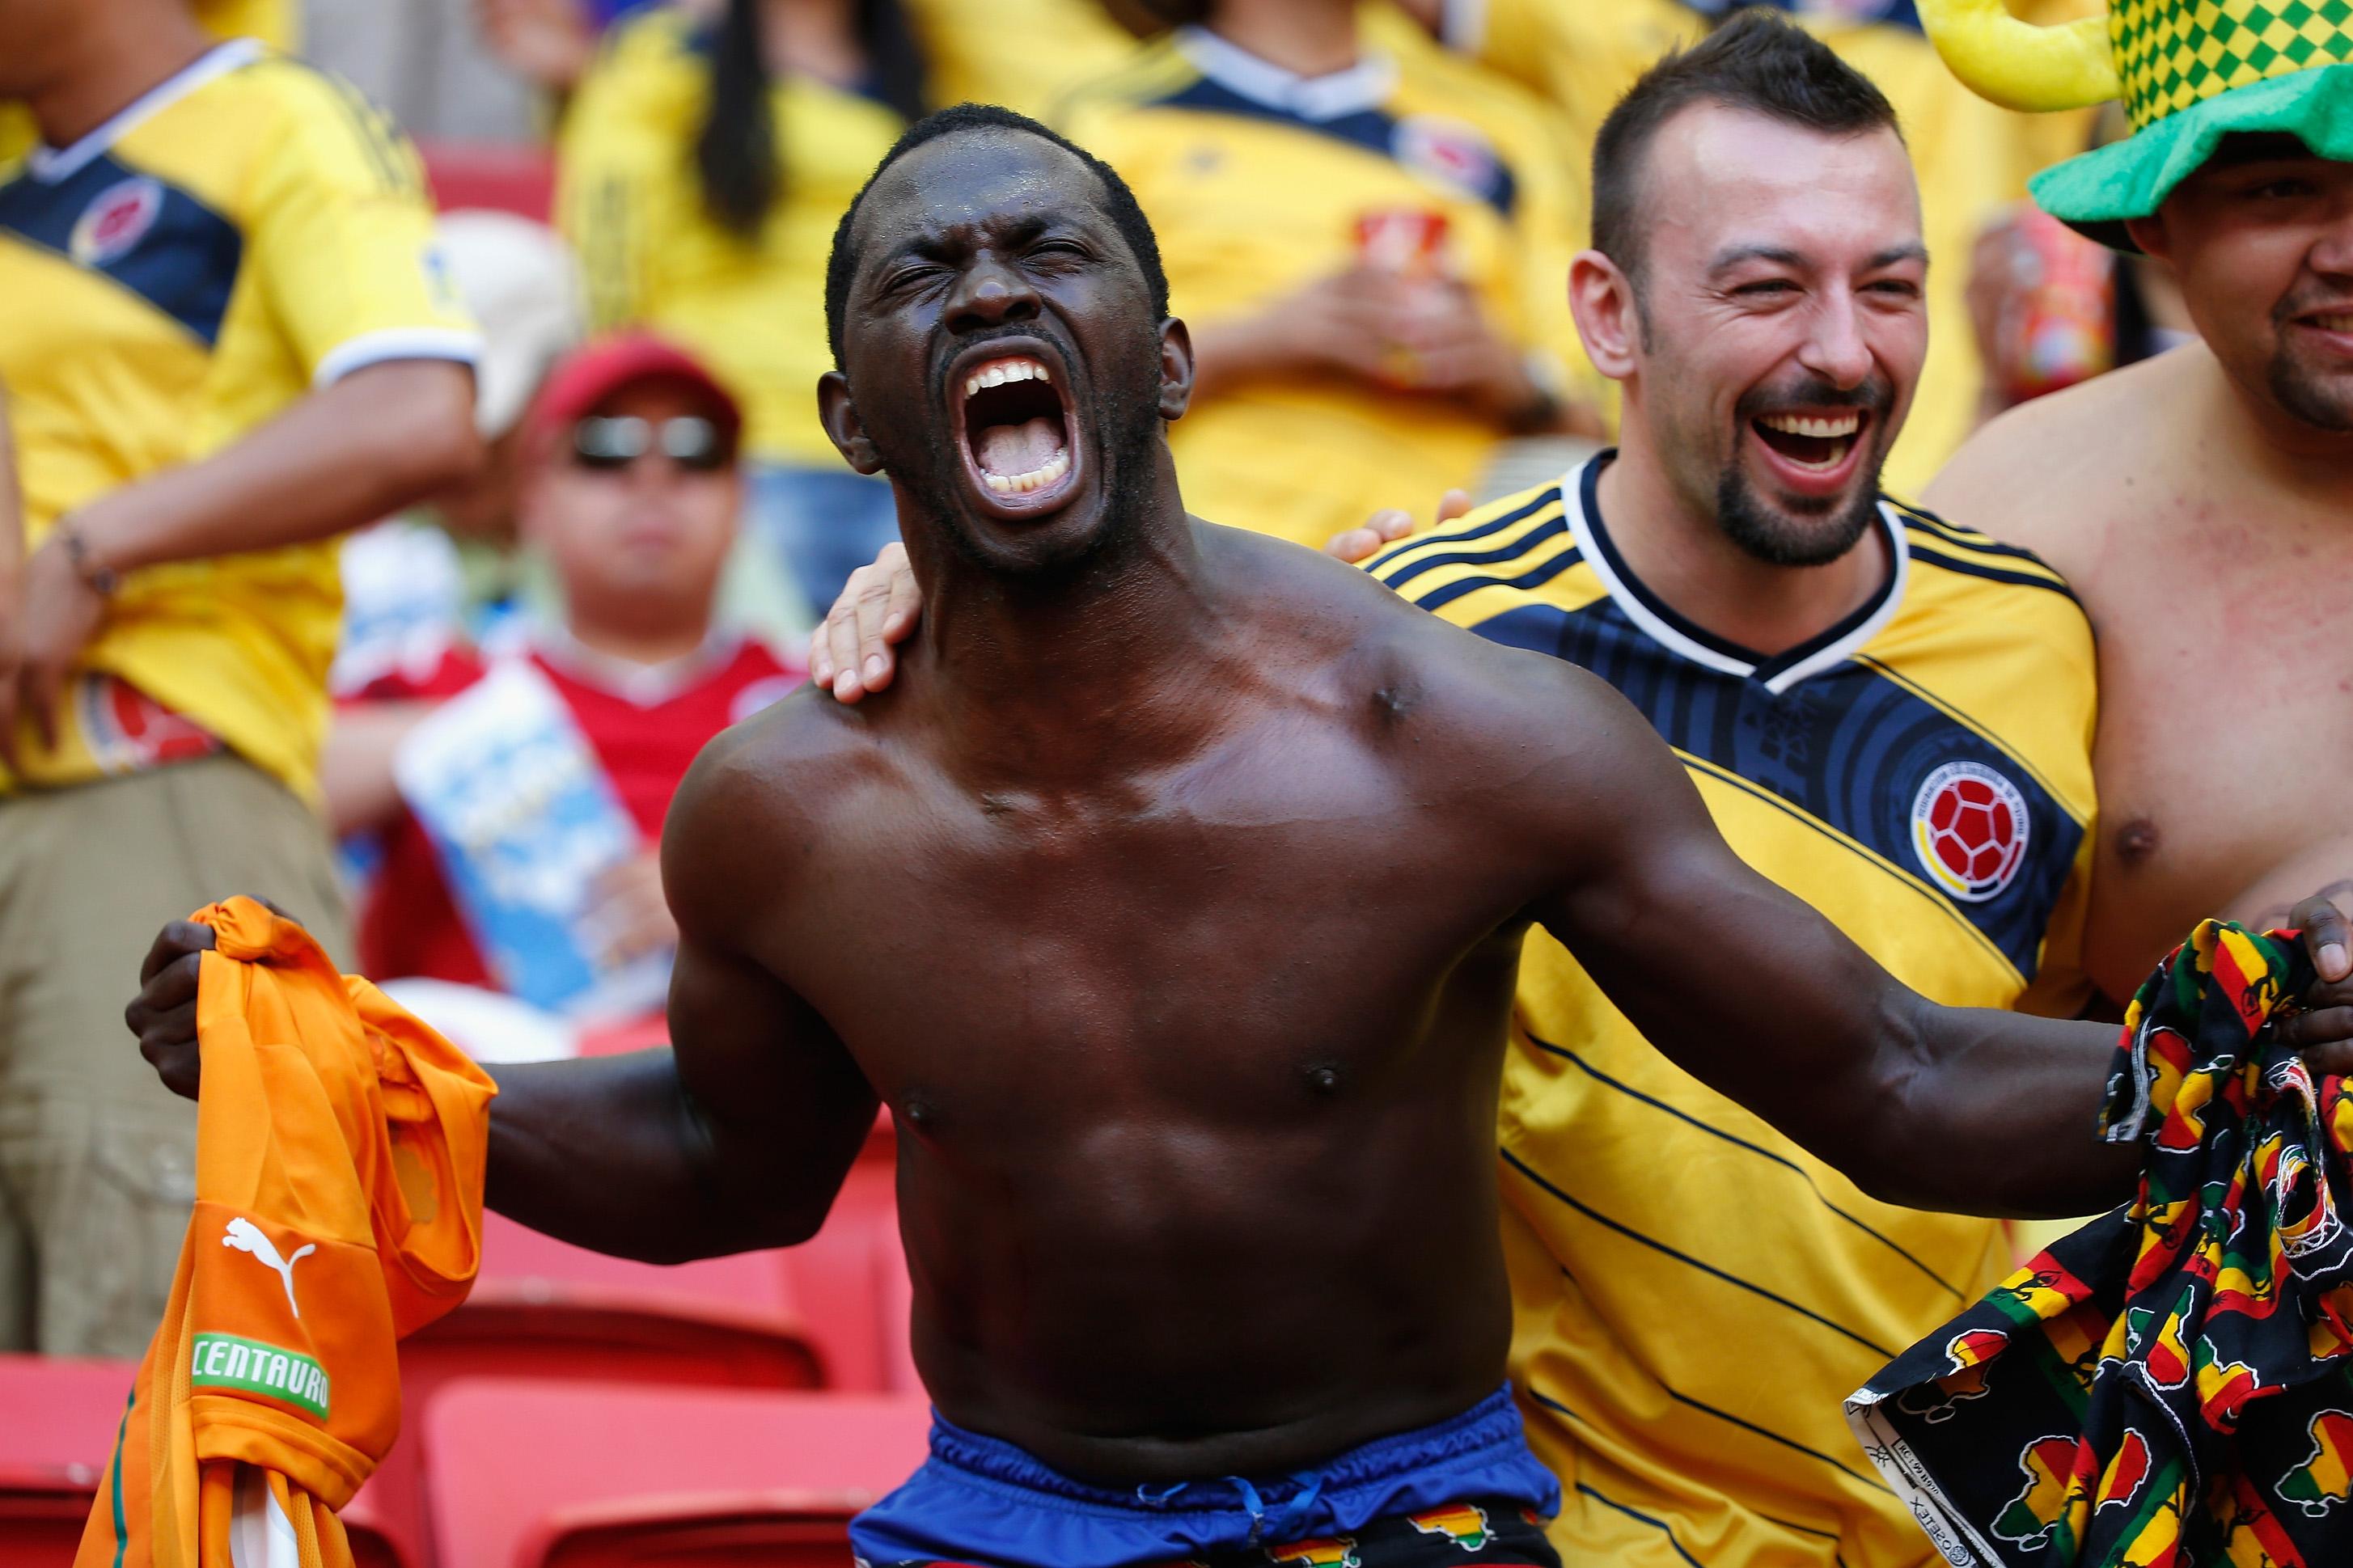 World Cup 2014 fan